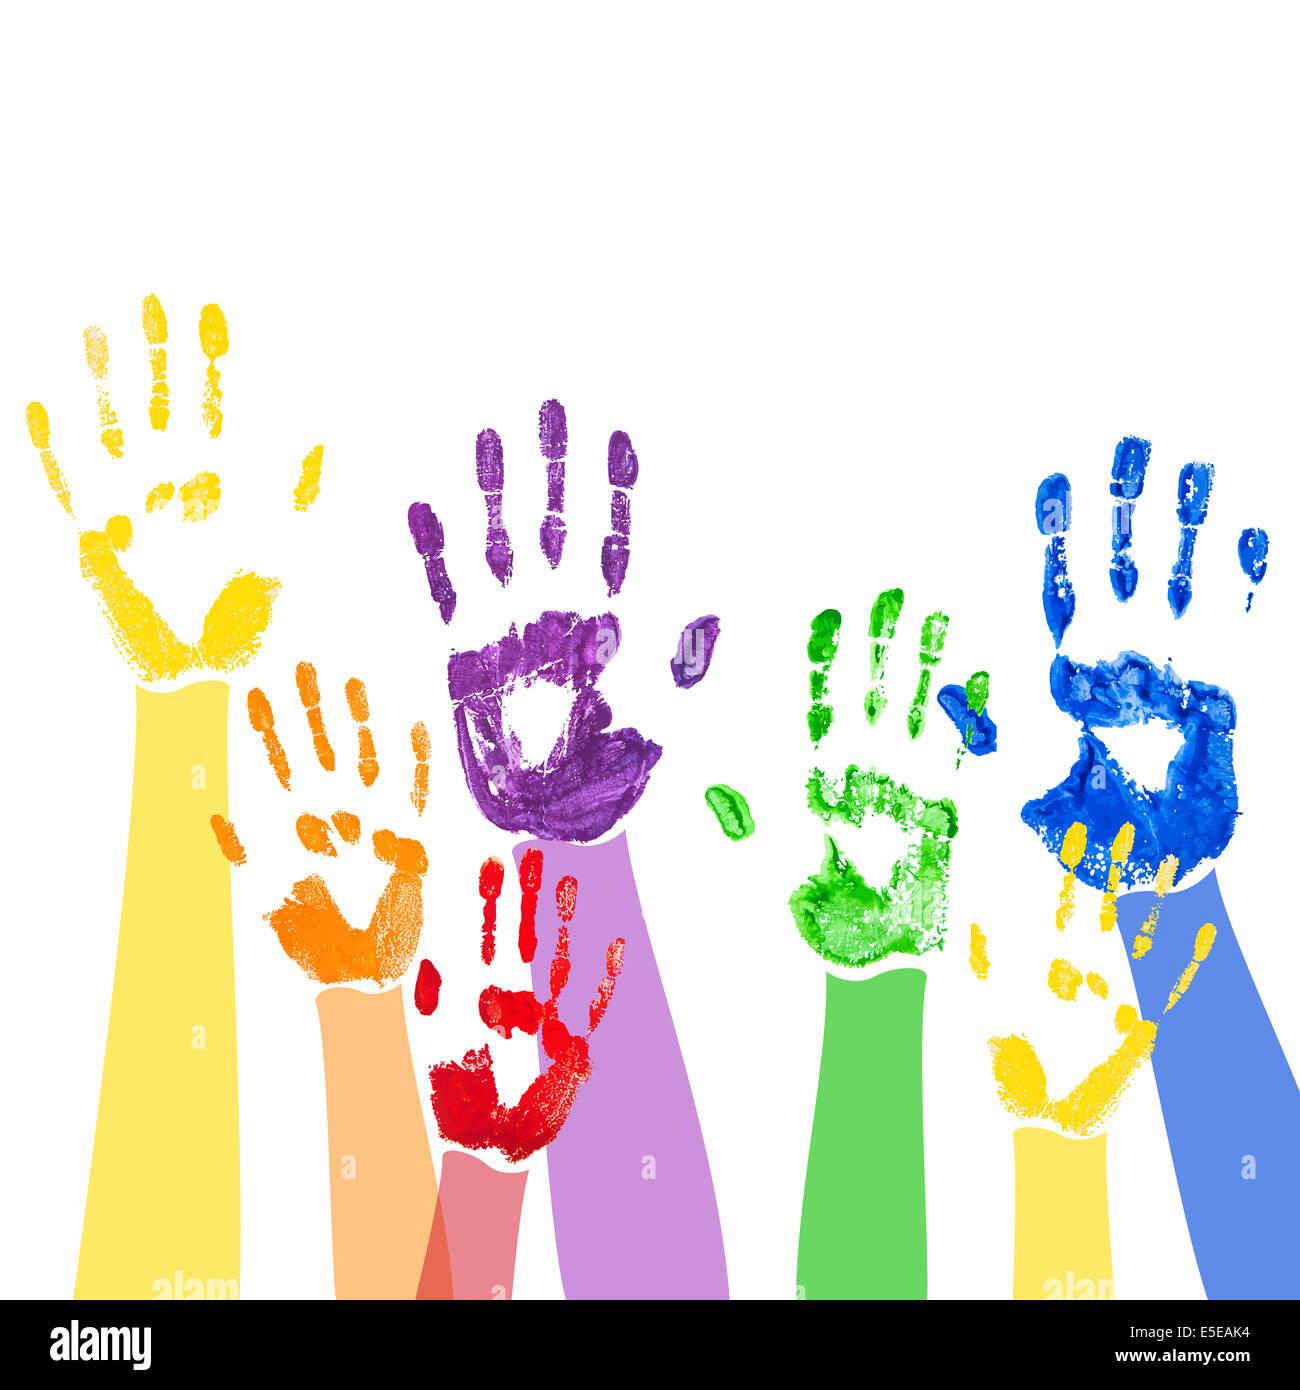 Resumen antecedentes con brillantes huellas de manos de pintura multicolor Foto de stock